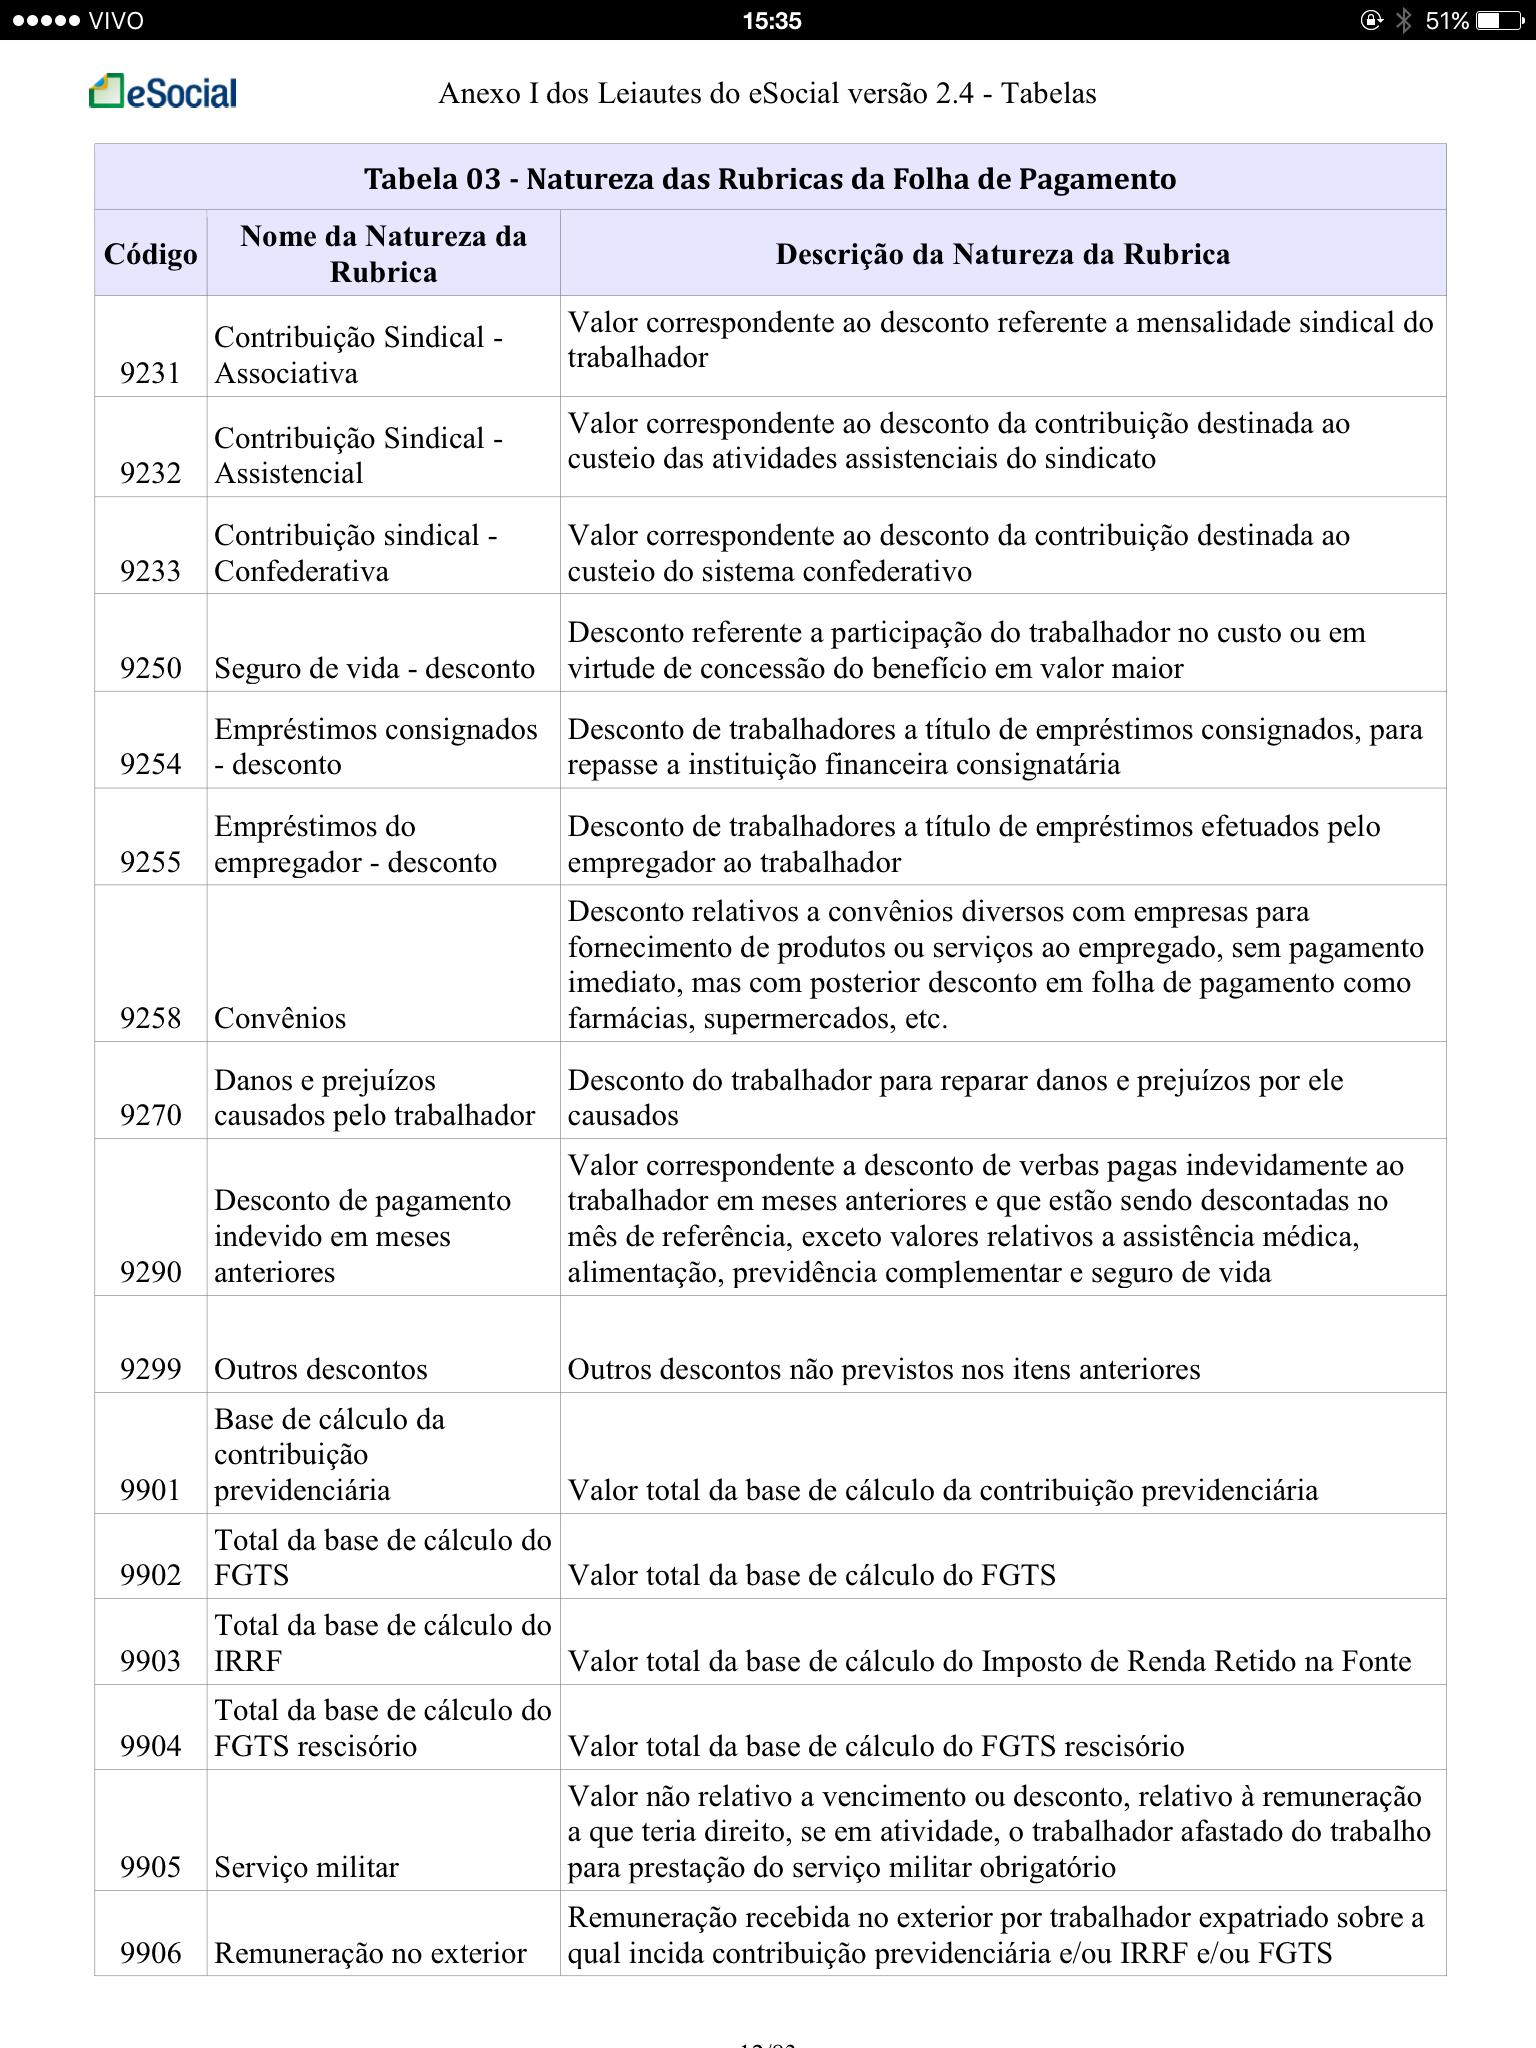 Tabela 3 Natureza das Rubricas da Folha de Pagamento 9